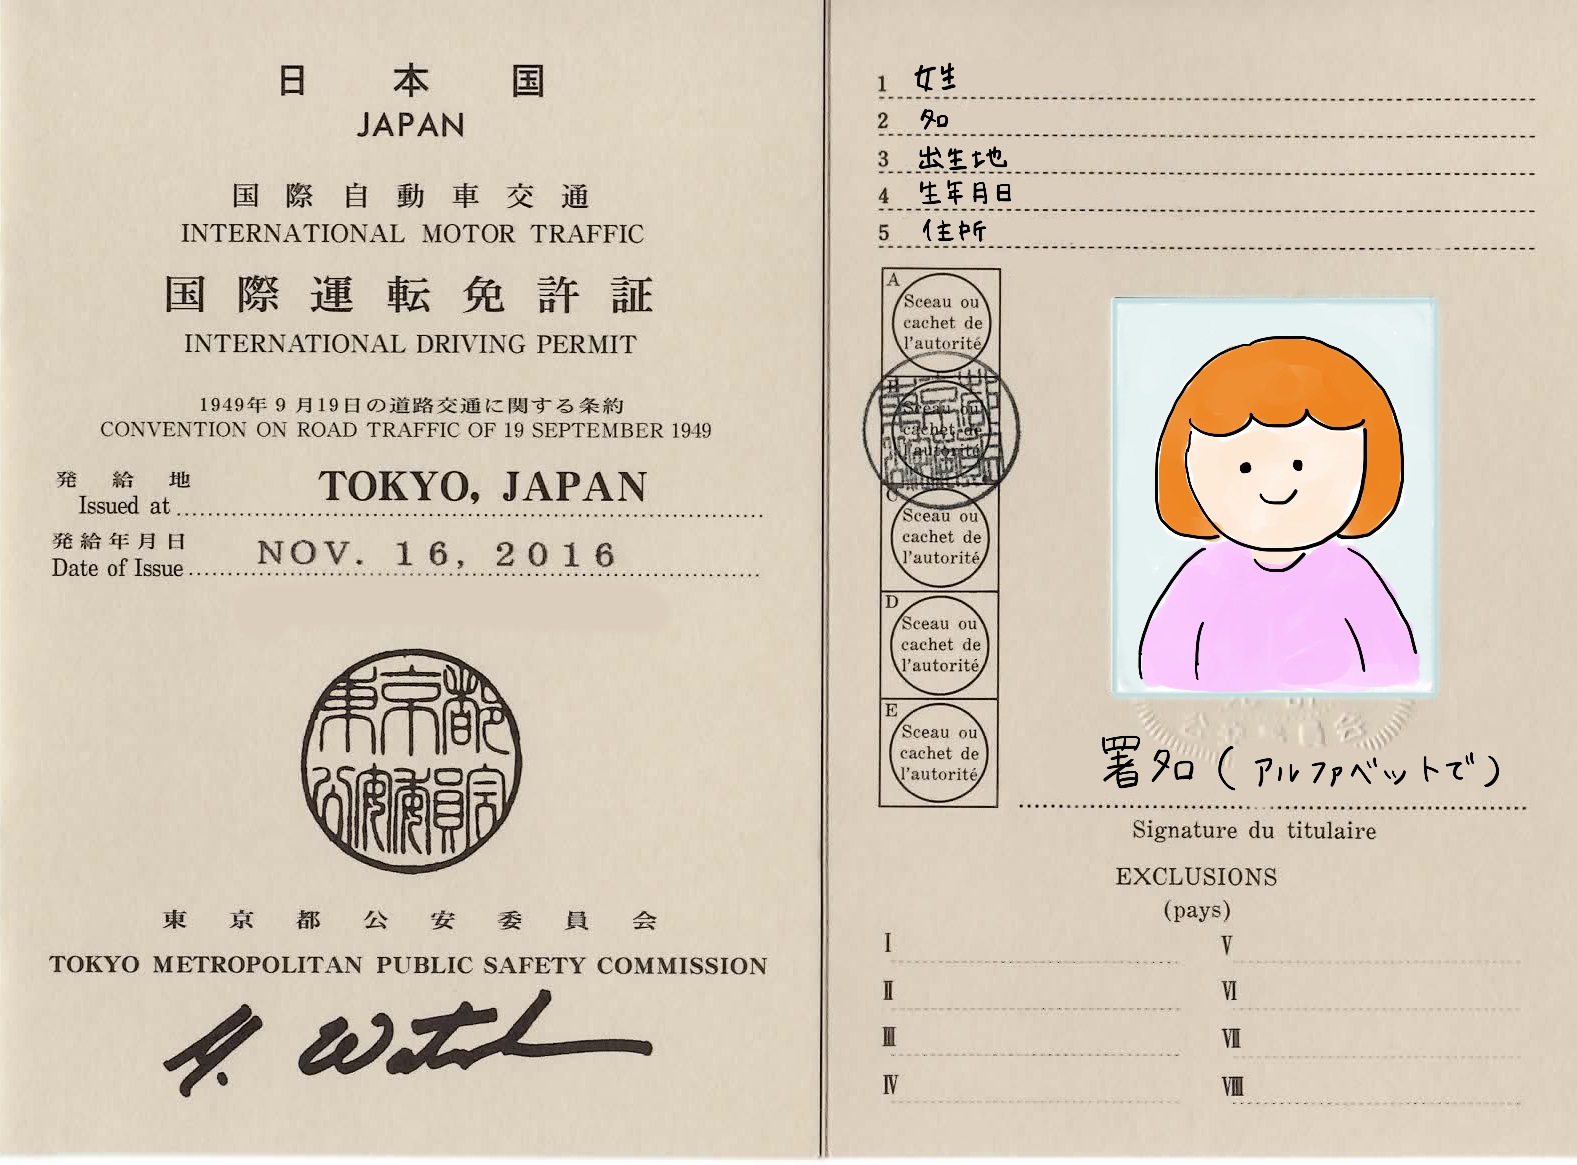 国際運転免許証をとろう